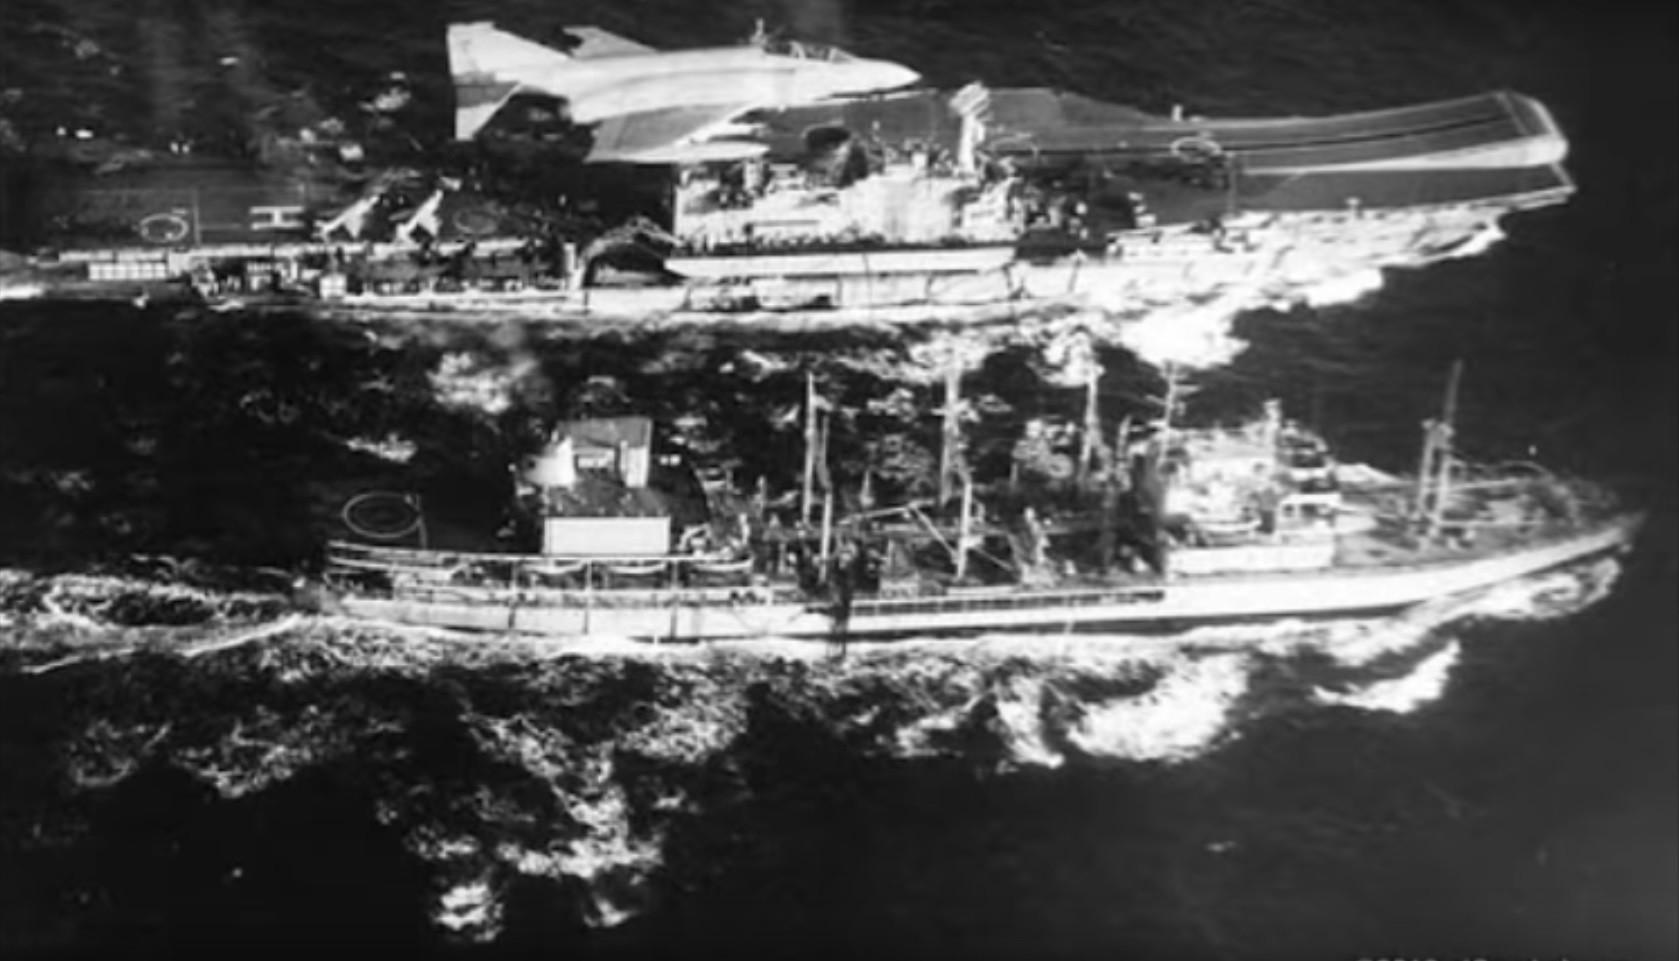 Portaaviones HMSHermesy buque de transporte RFATidespringdesde el Tu-95 del coronel Bulbenkov.